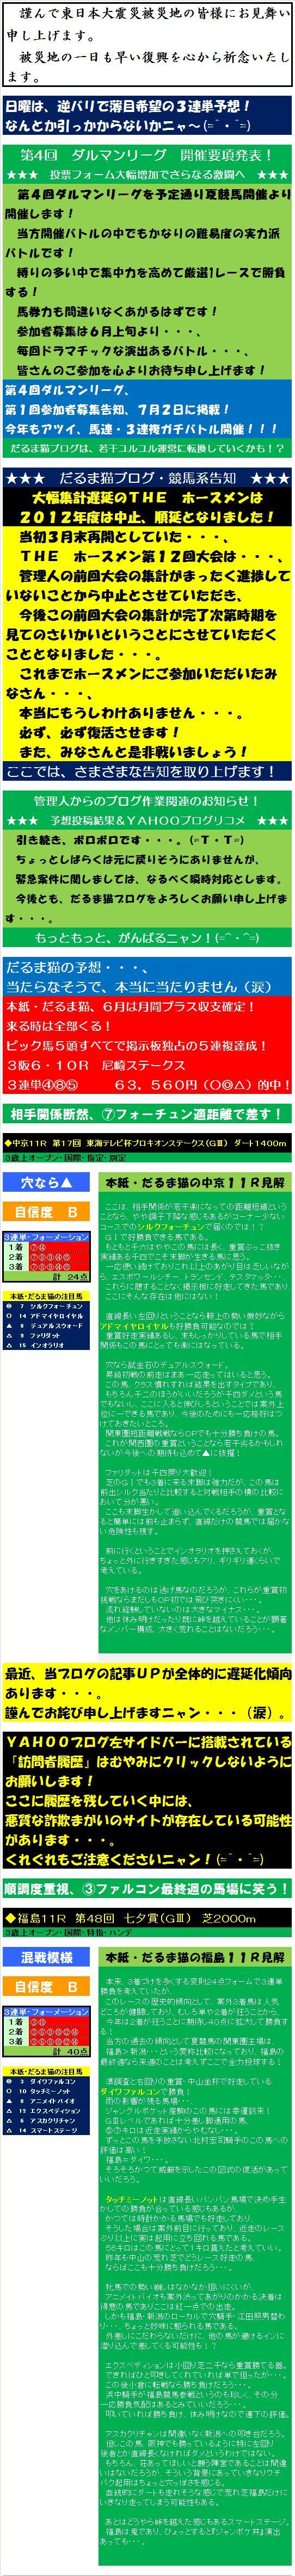 20120708・2鞍予想見解.jpg